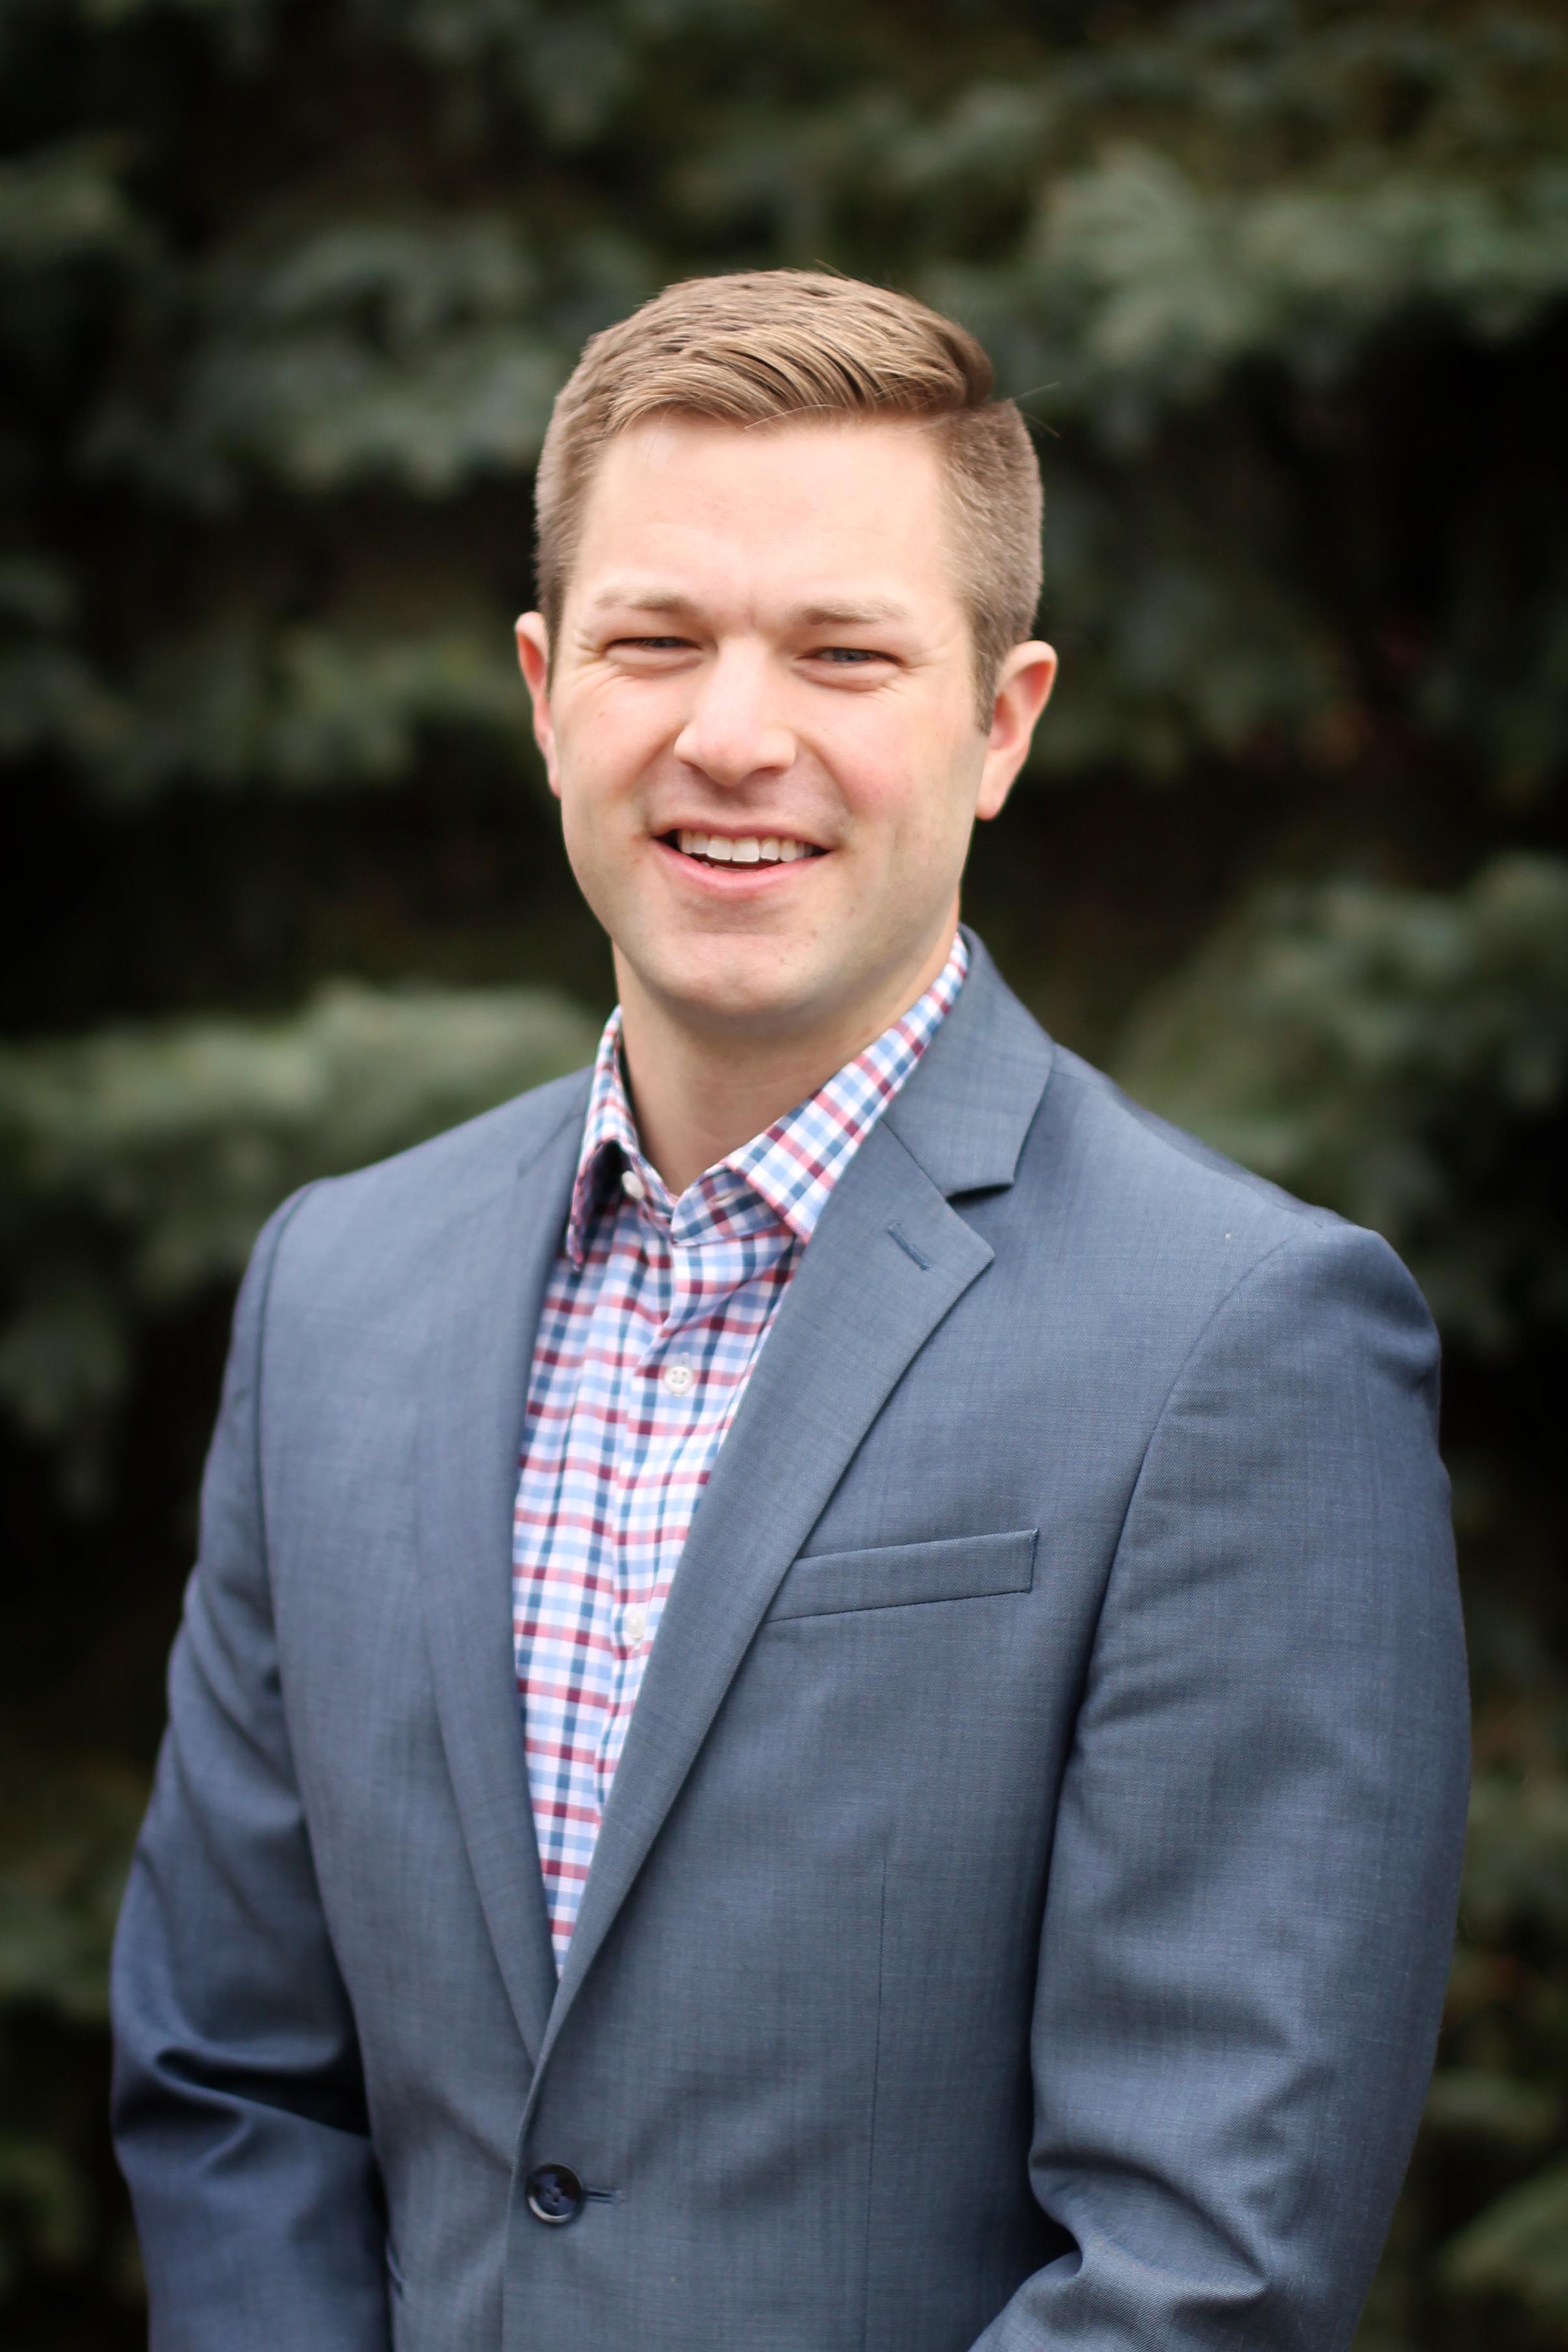 DANIEL JOHNSON - Client Relationship Advisor